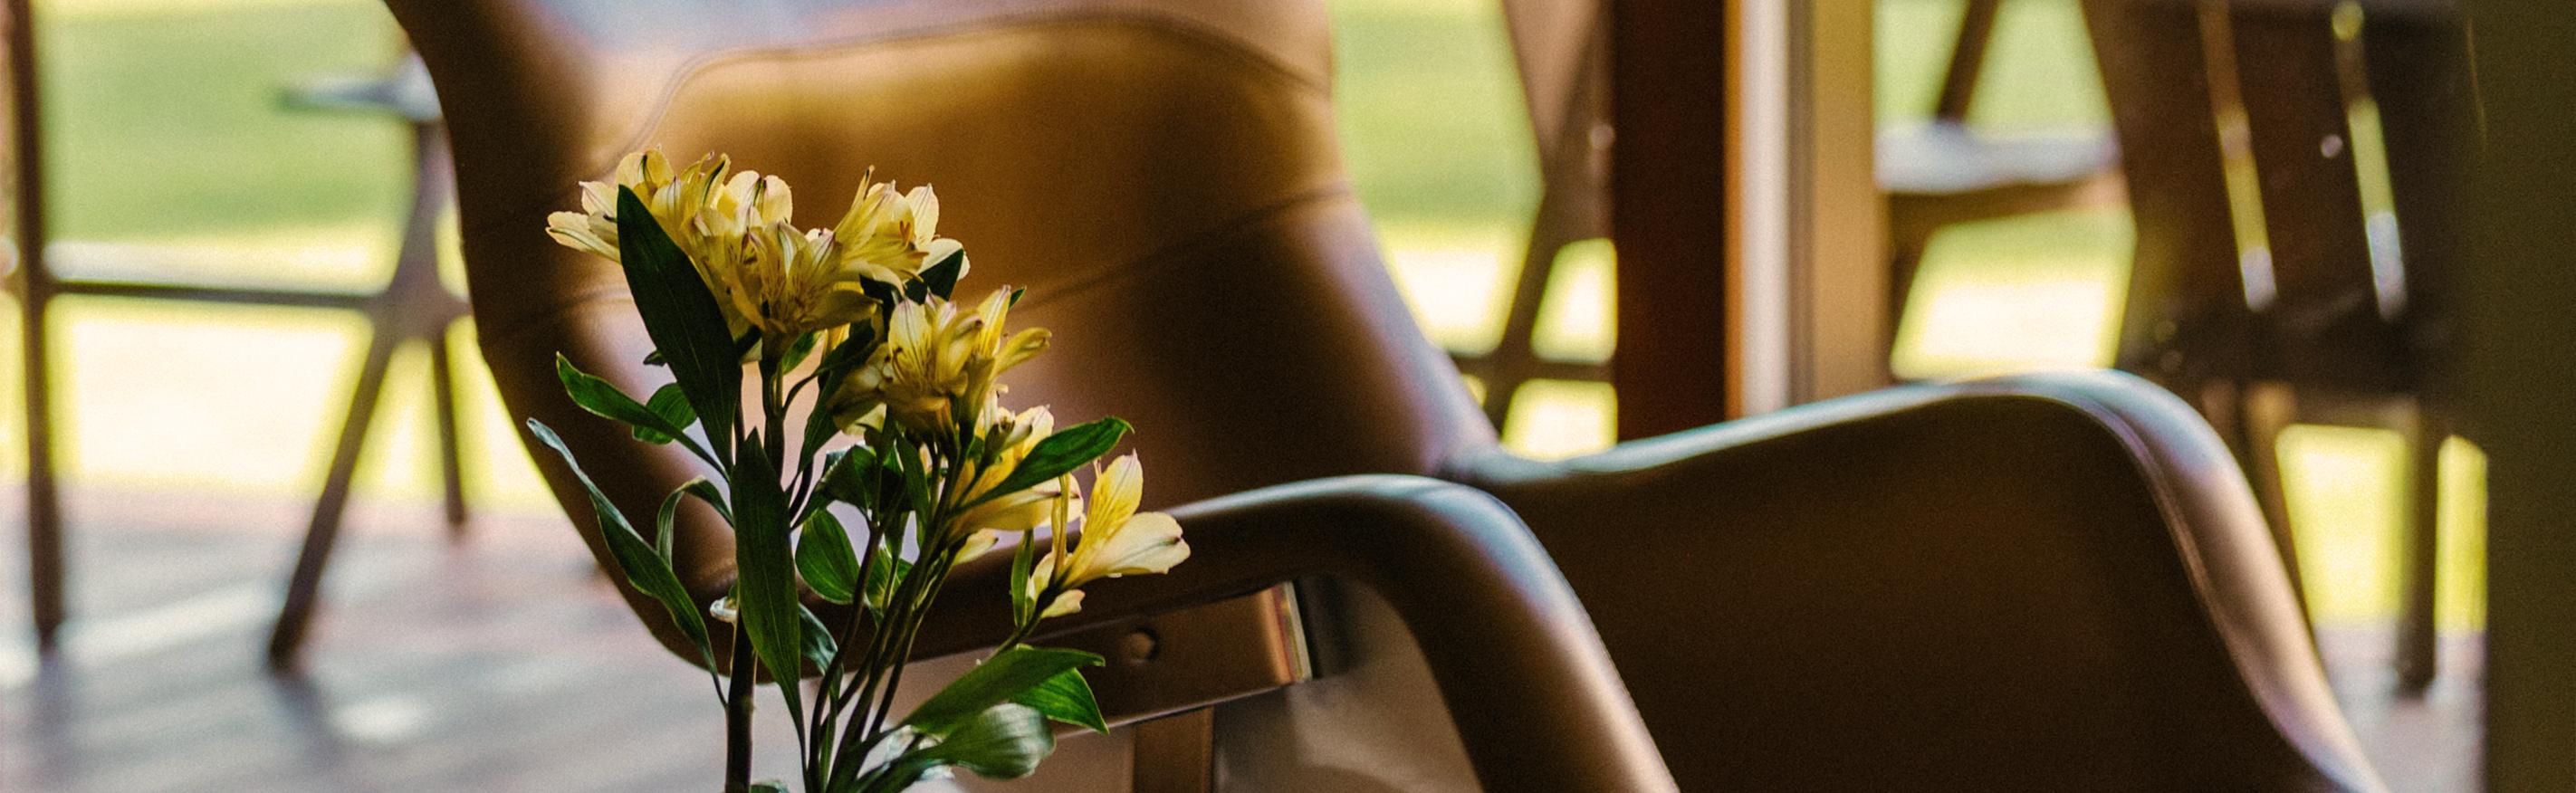 Hotellin yleisissä tiloissa oleva design-nojatuoli ja kukkia maljakossa pöydällä.